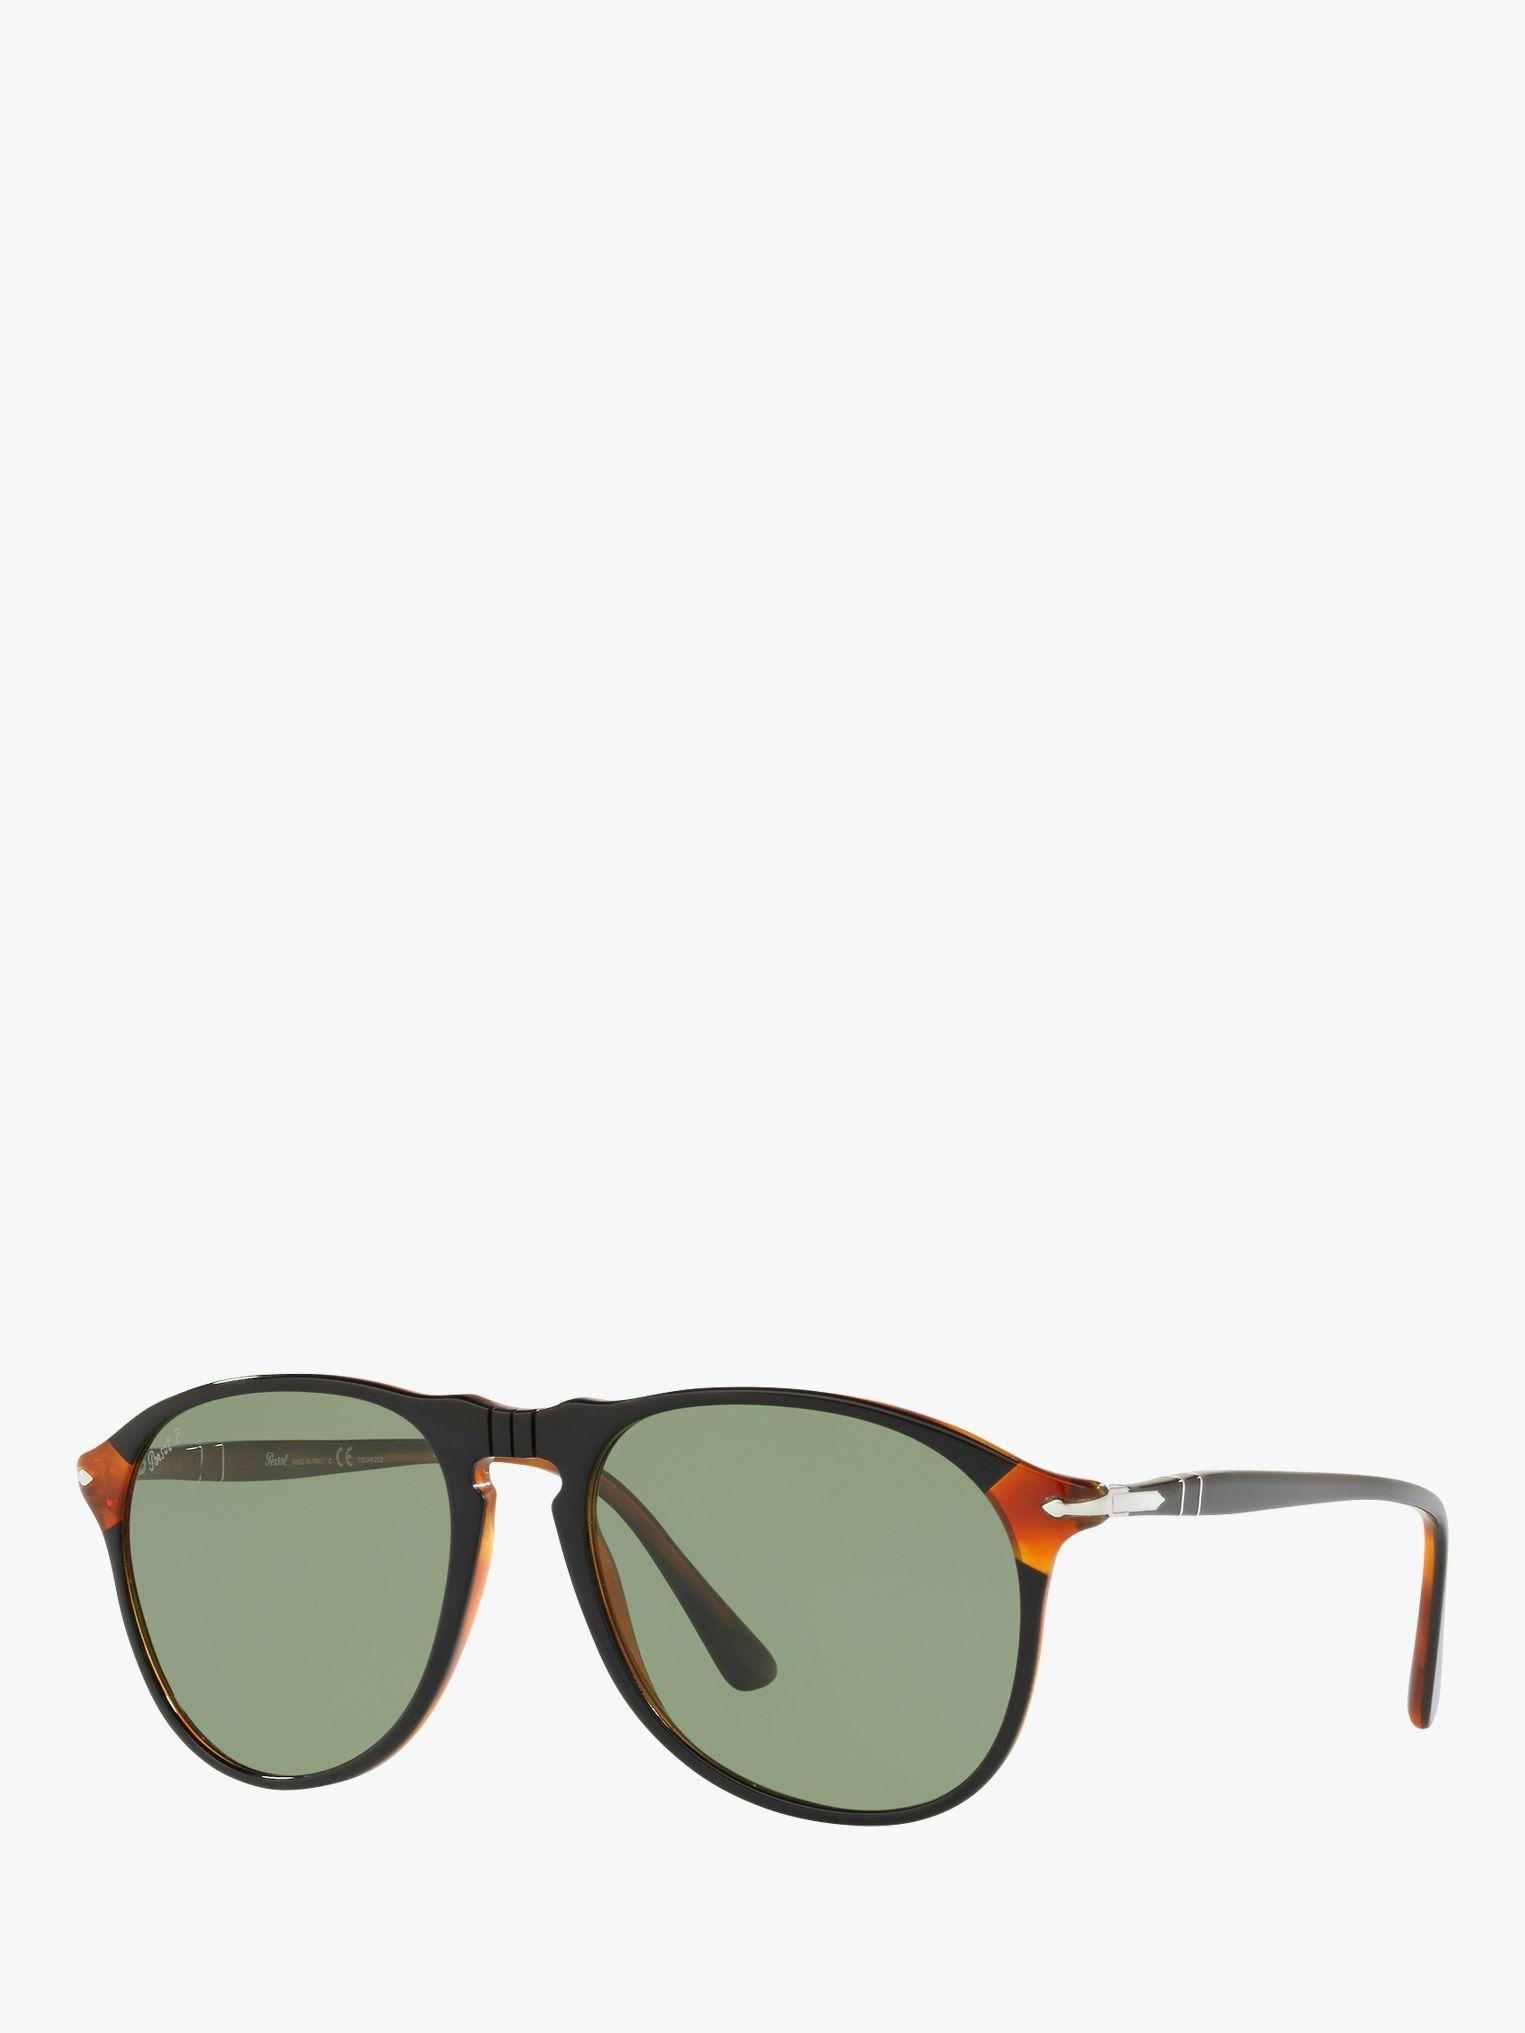 Persol Persol PO6649S Men's Pilot Polarised Sunglasses, Black/Green